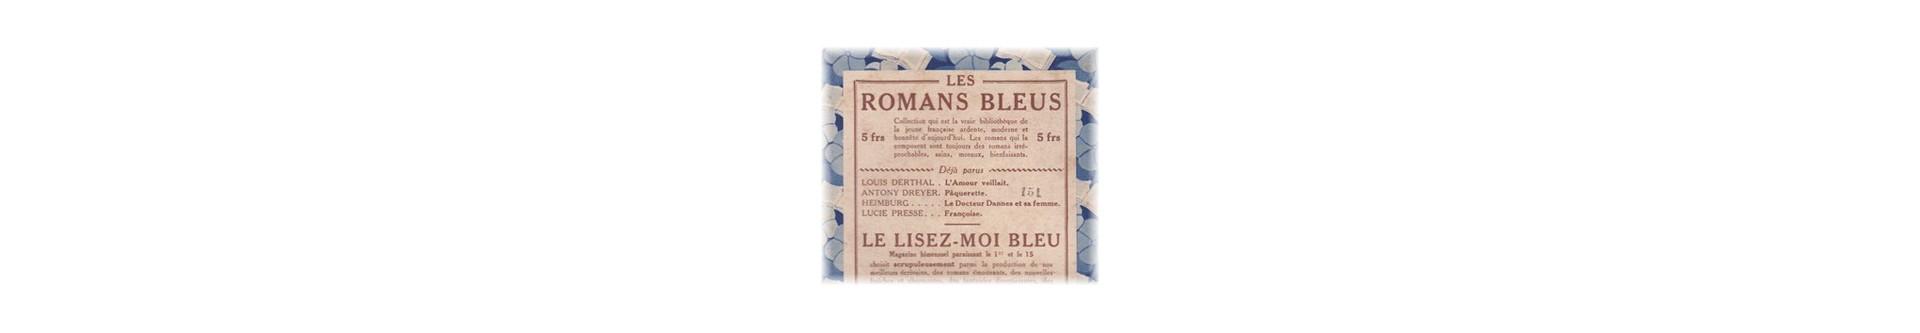 Les Romans Bleus | Éditions Jules Tallandier | Livres d'occasion